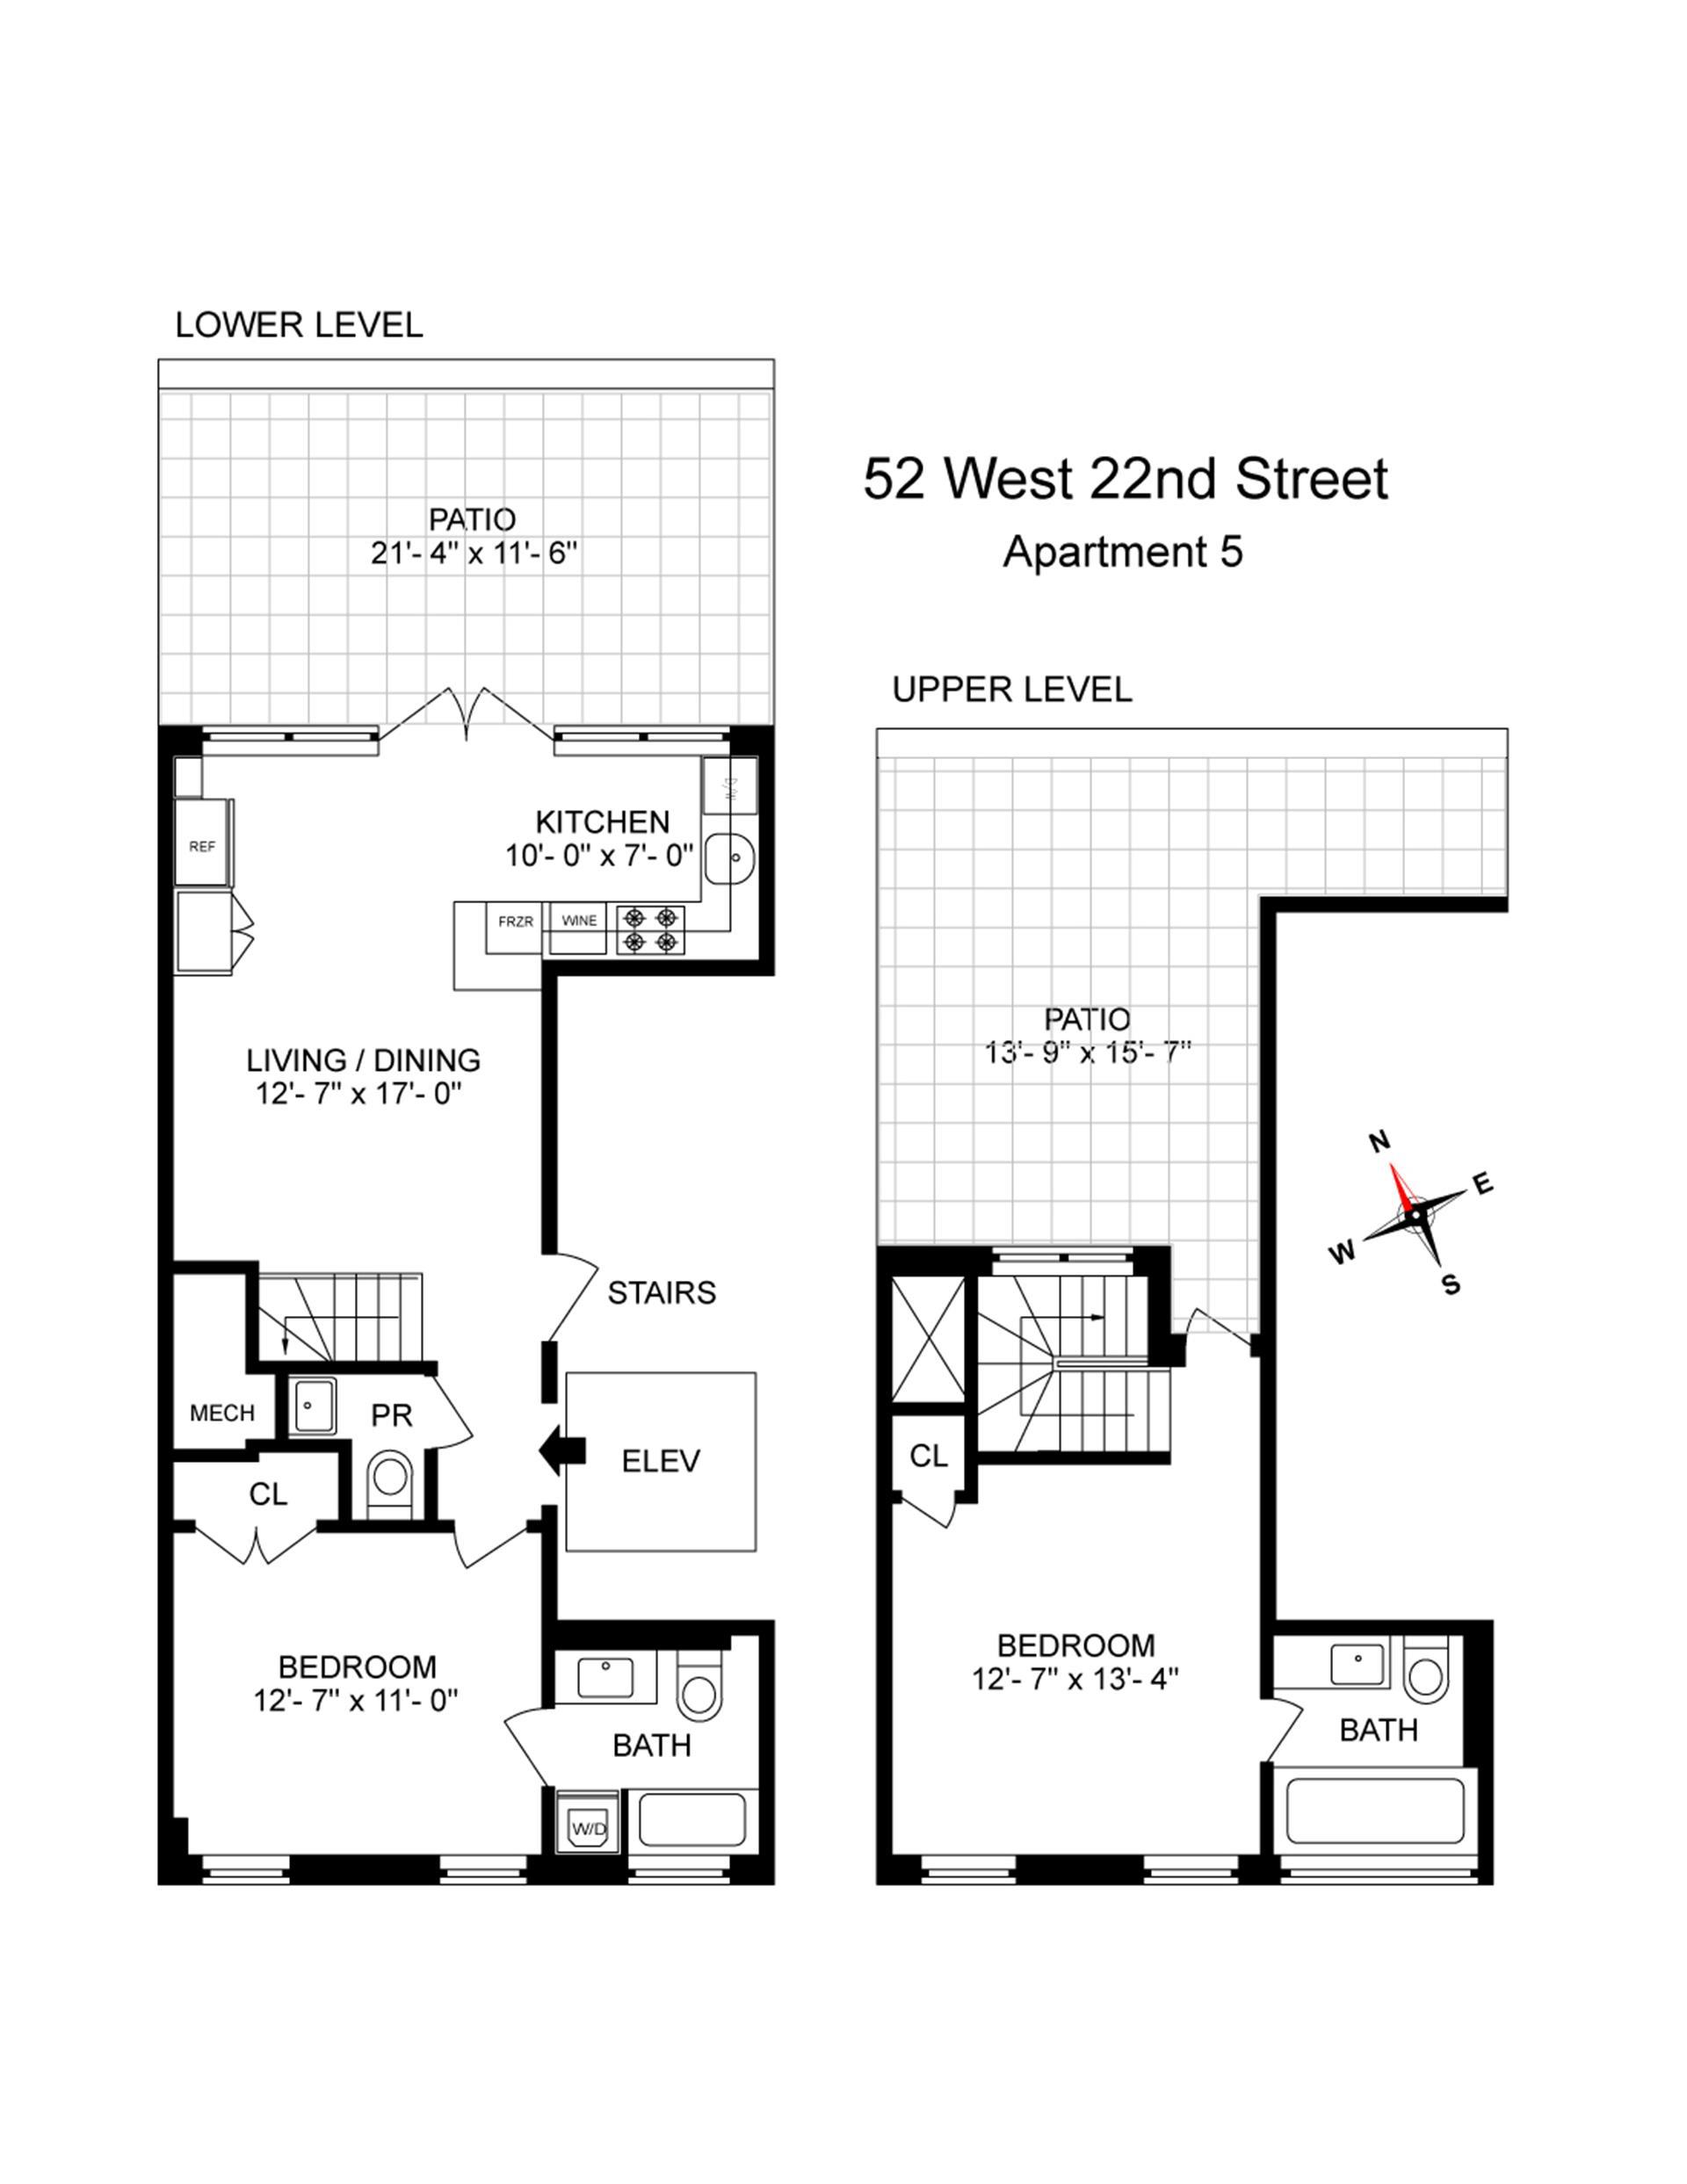 Floor plan of 52 West 22nd St, PH - Flatiron District, New York